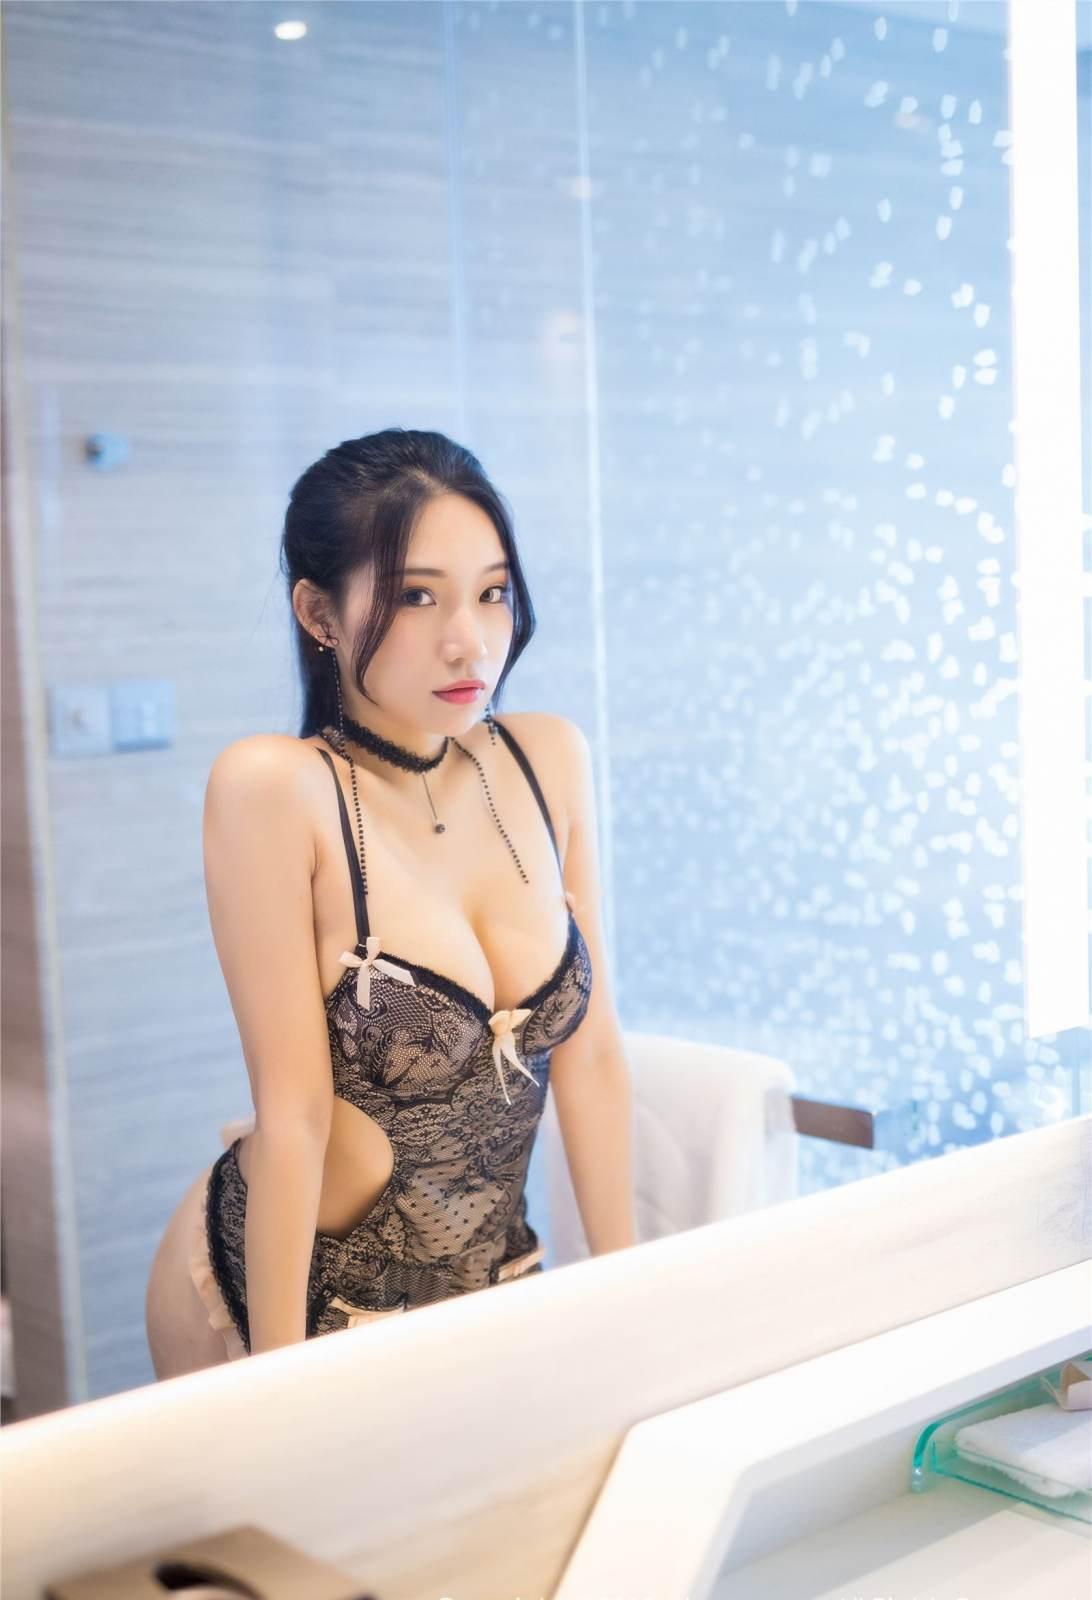 第120期性感女仆装小狐狸(蕾丝女仆装)_图片2